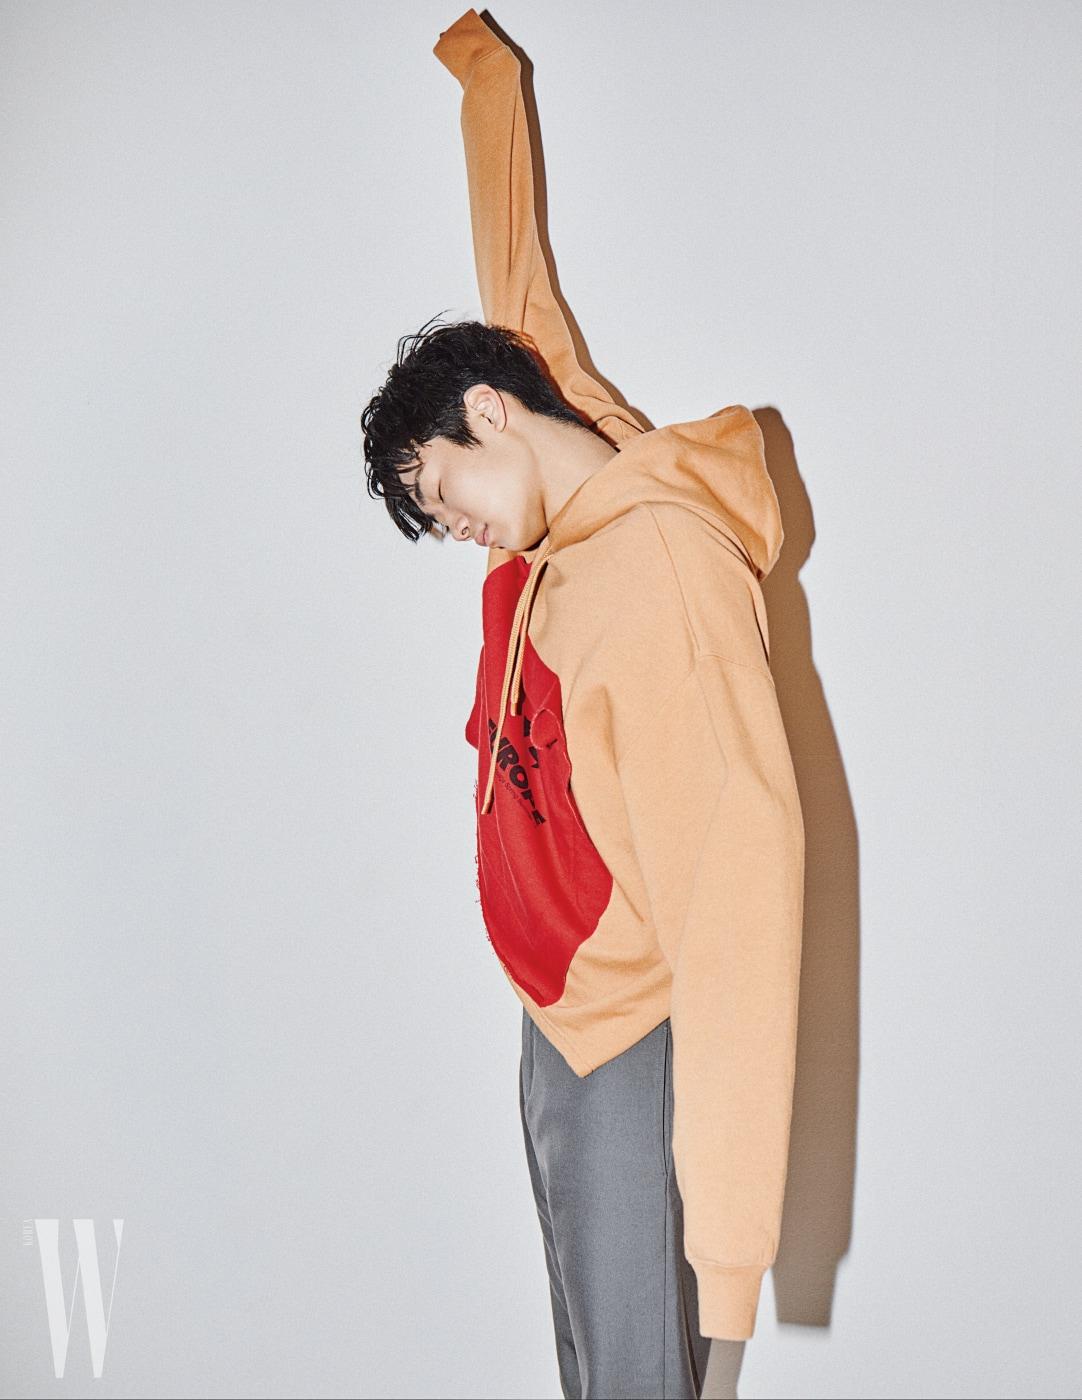 헴라인이 독특한 후디와 등산용 서모 팬츠가 연상되는 오묘한 색감의 팬츠는 발렌시아가 제품. 각 1백만원대, 가격 미정.